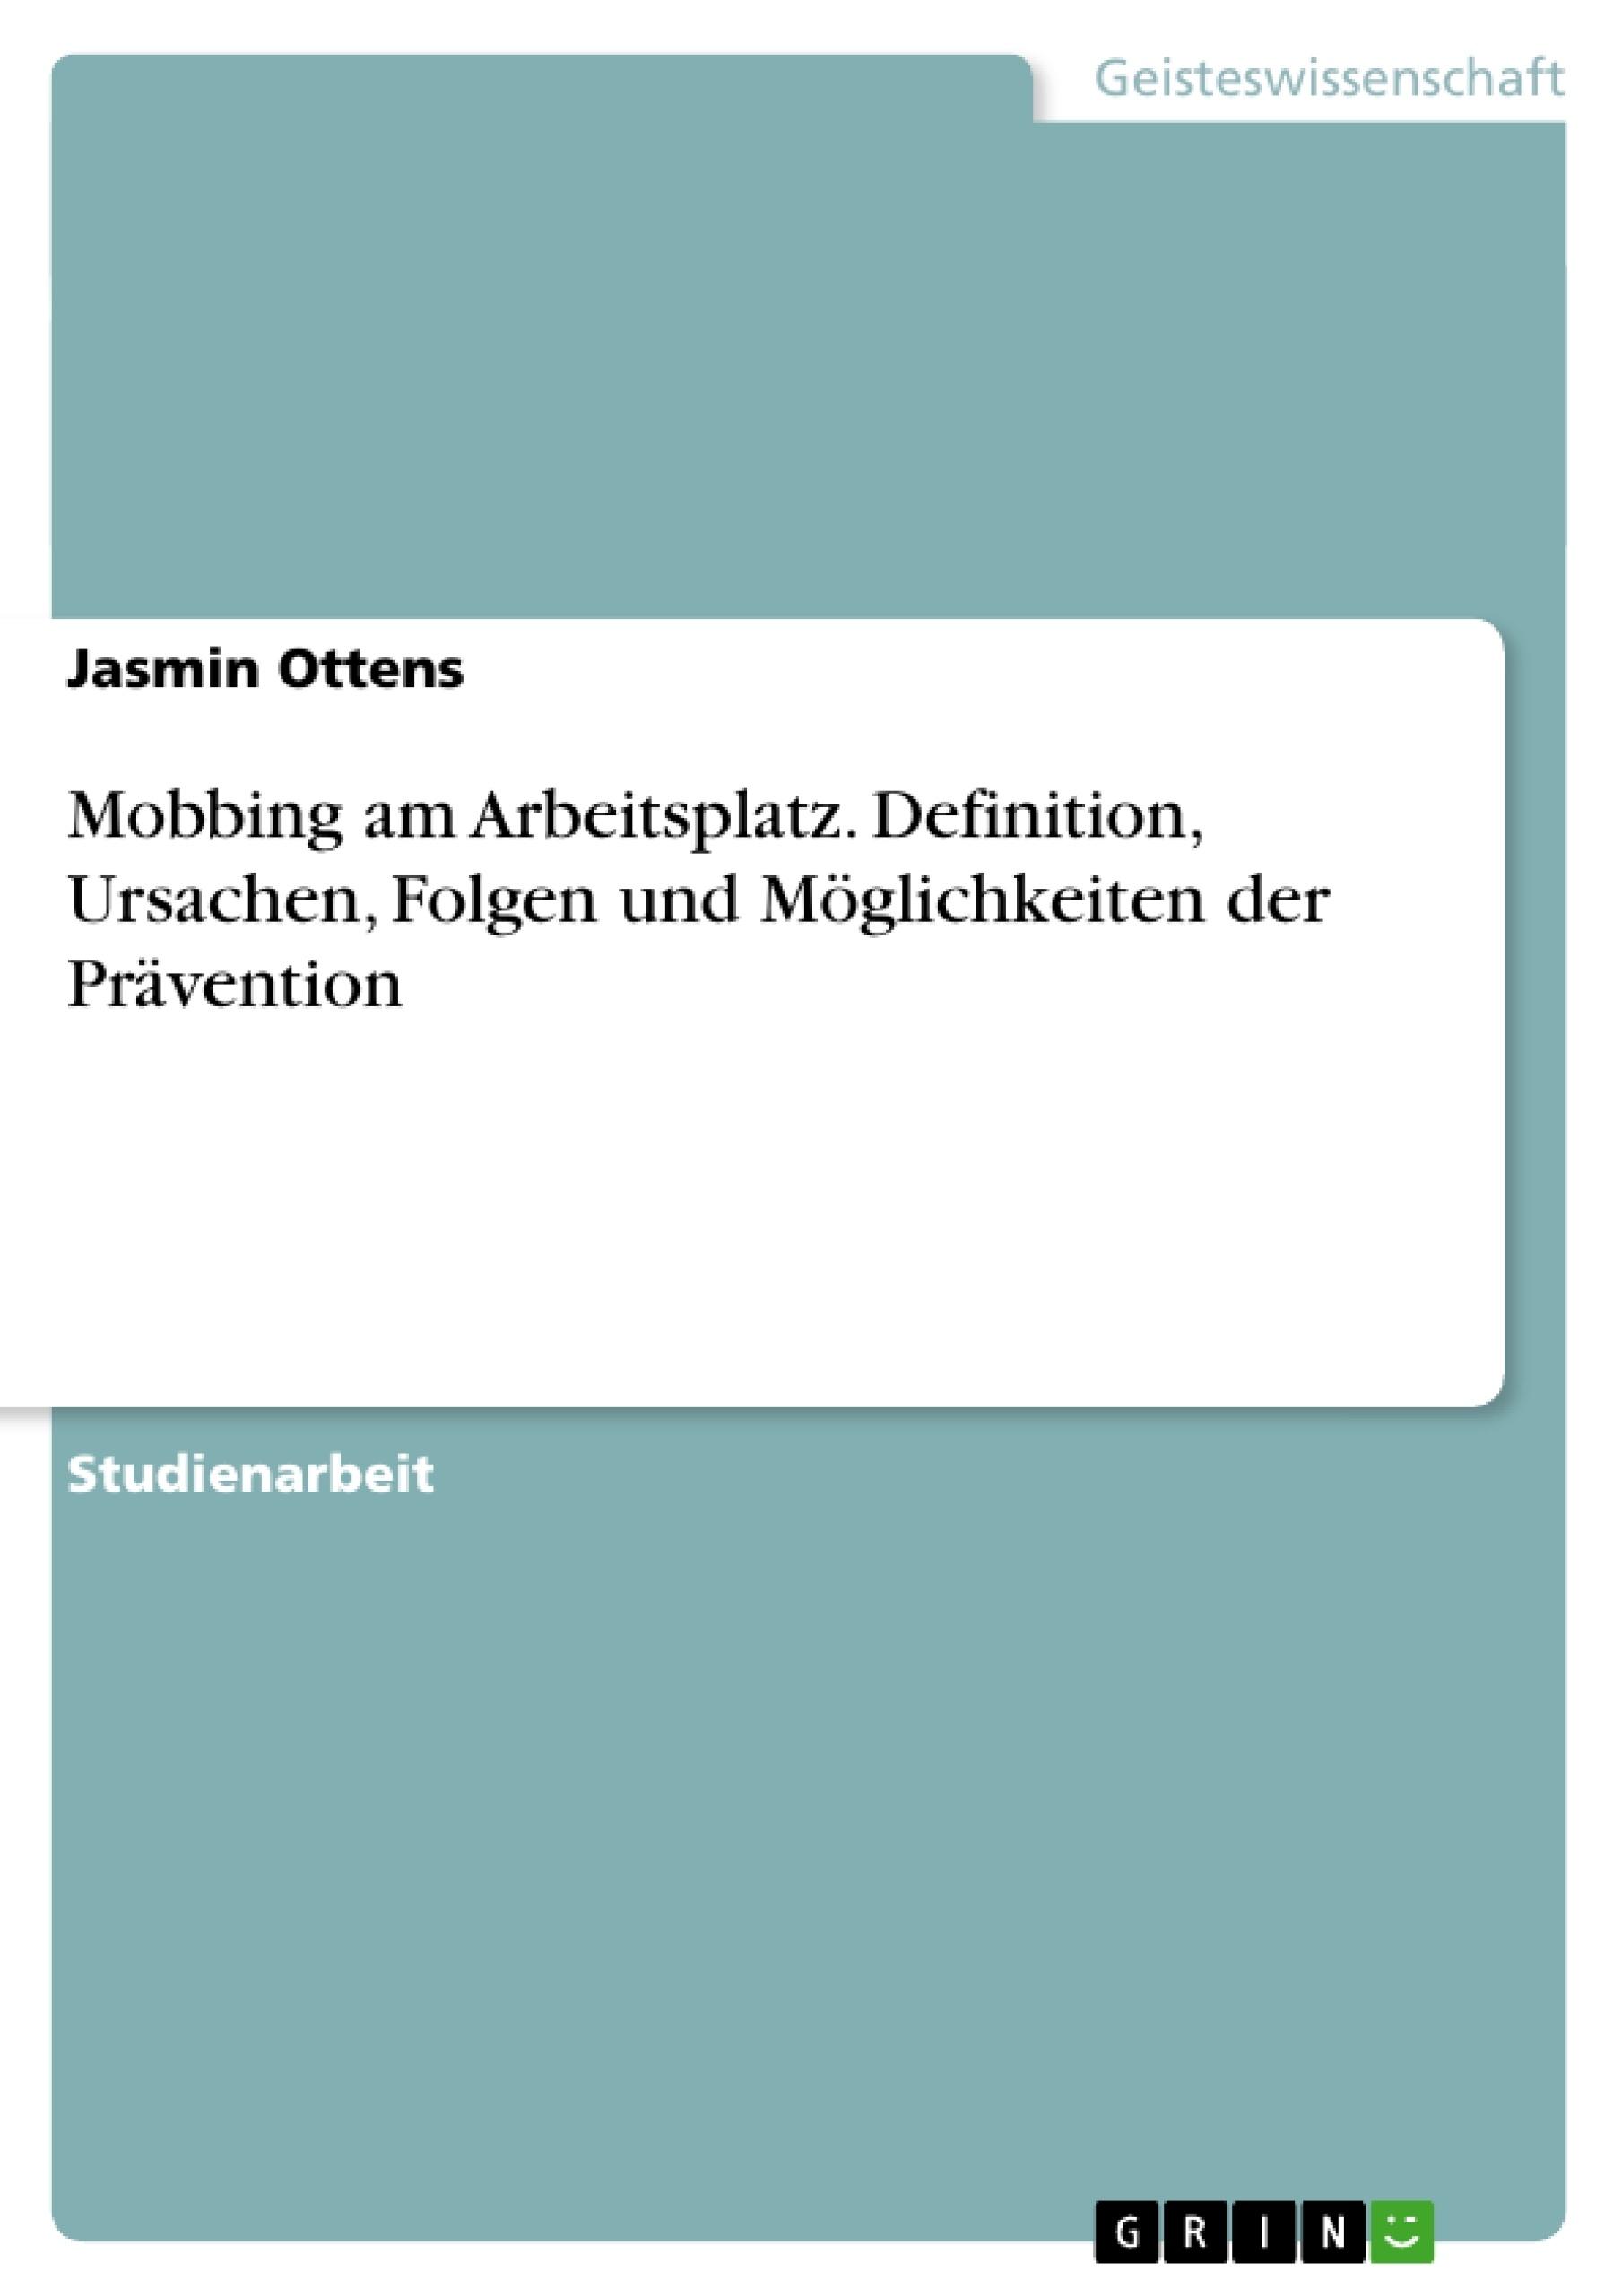 Titel: Mobbing am Arbeitsplatz. Definition, Ursachen, Folgen und Möglichkeiten der Prävention